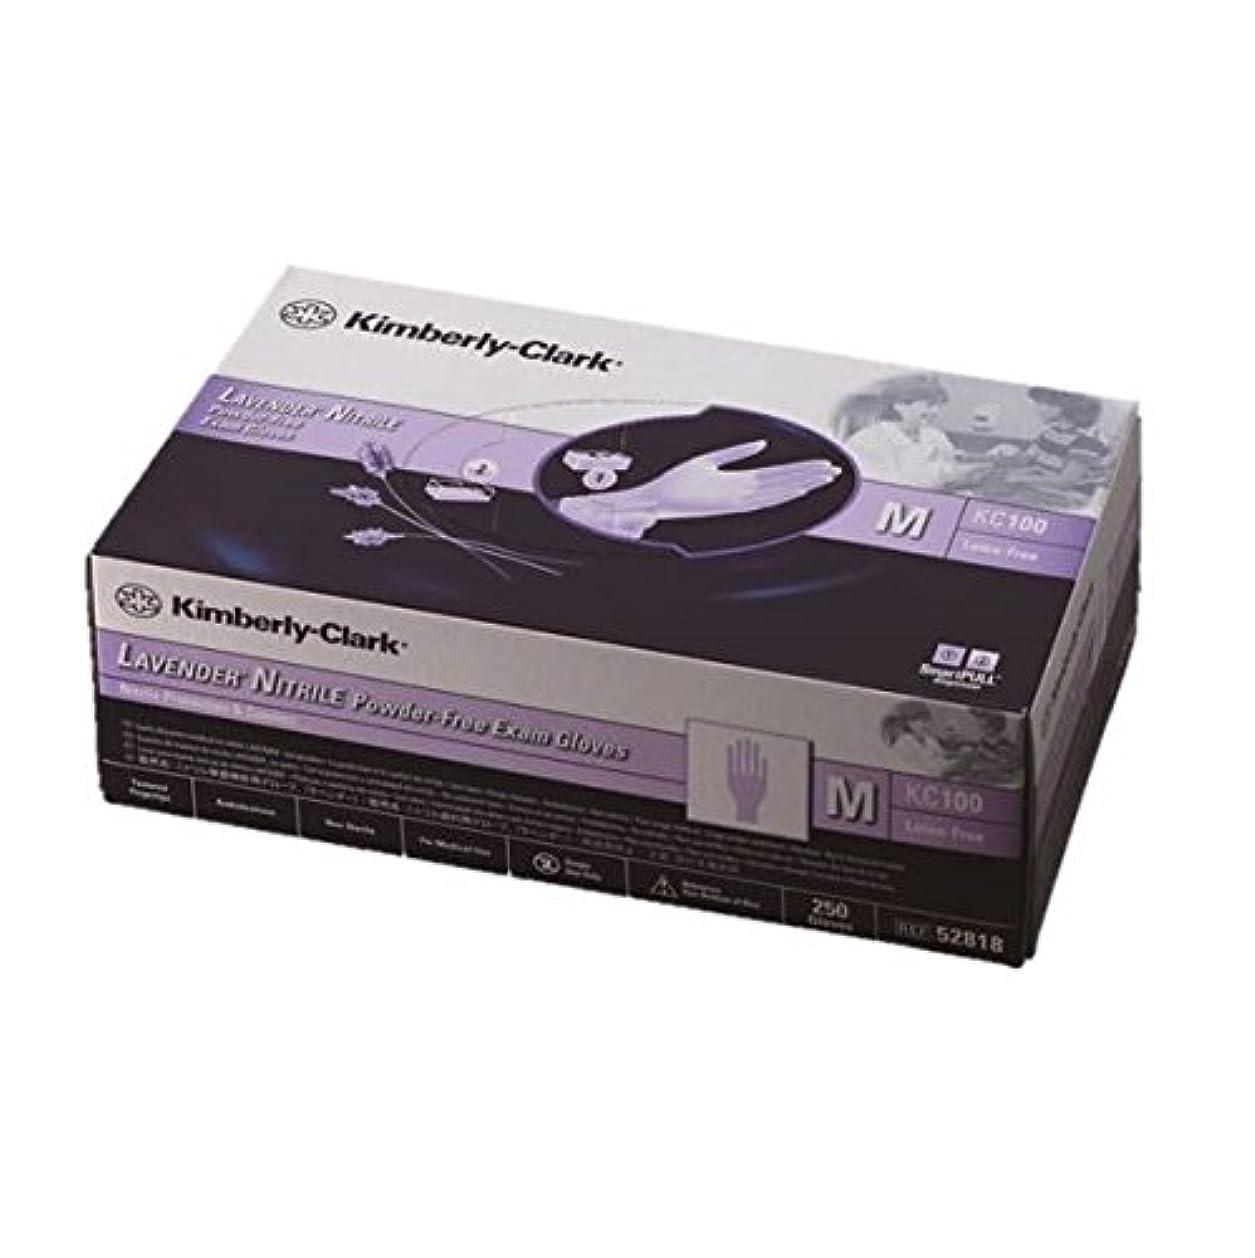 キッチントライアスロンこのラベンダー ニトリル グローブ 10 箱